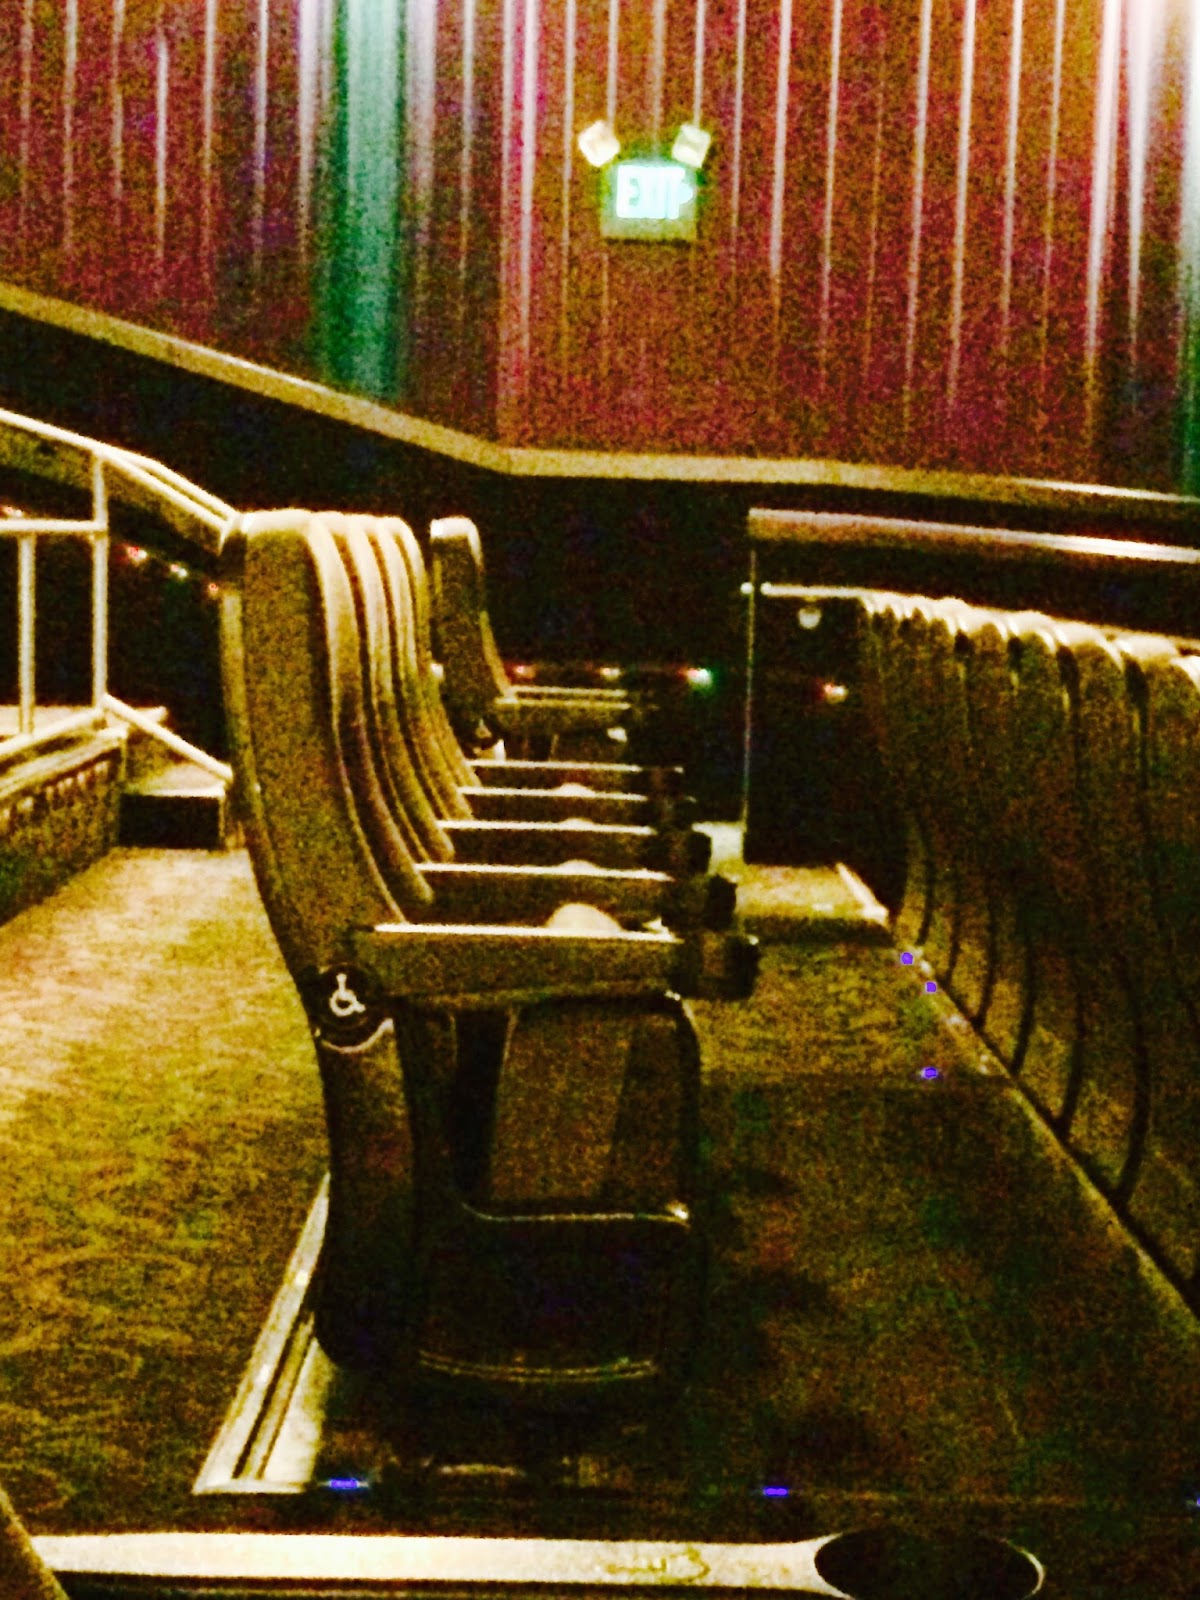 アメリカの映画館は車イス席がベストポジション